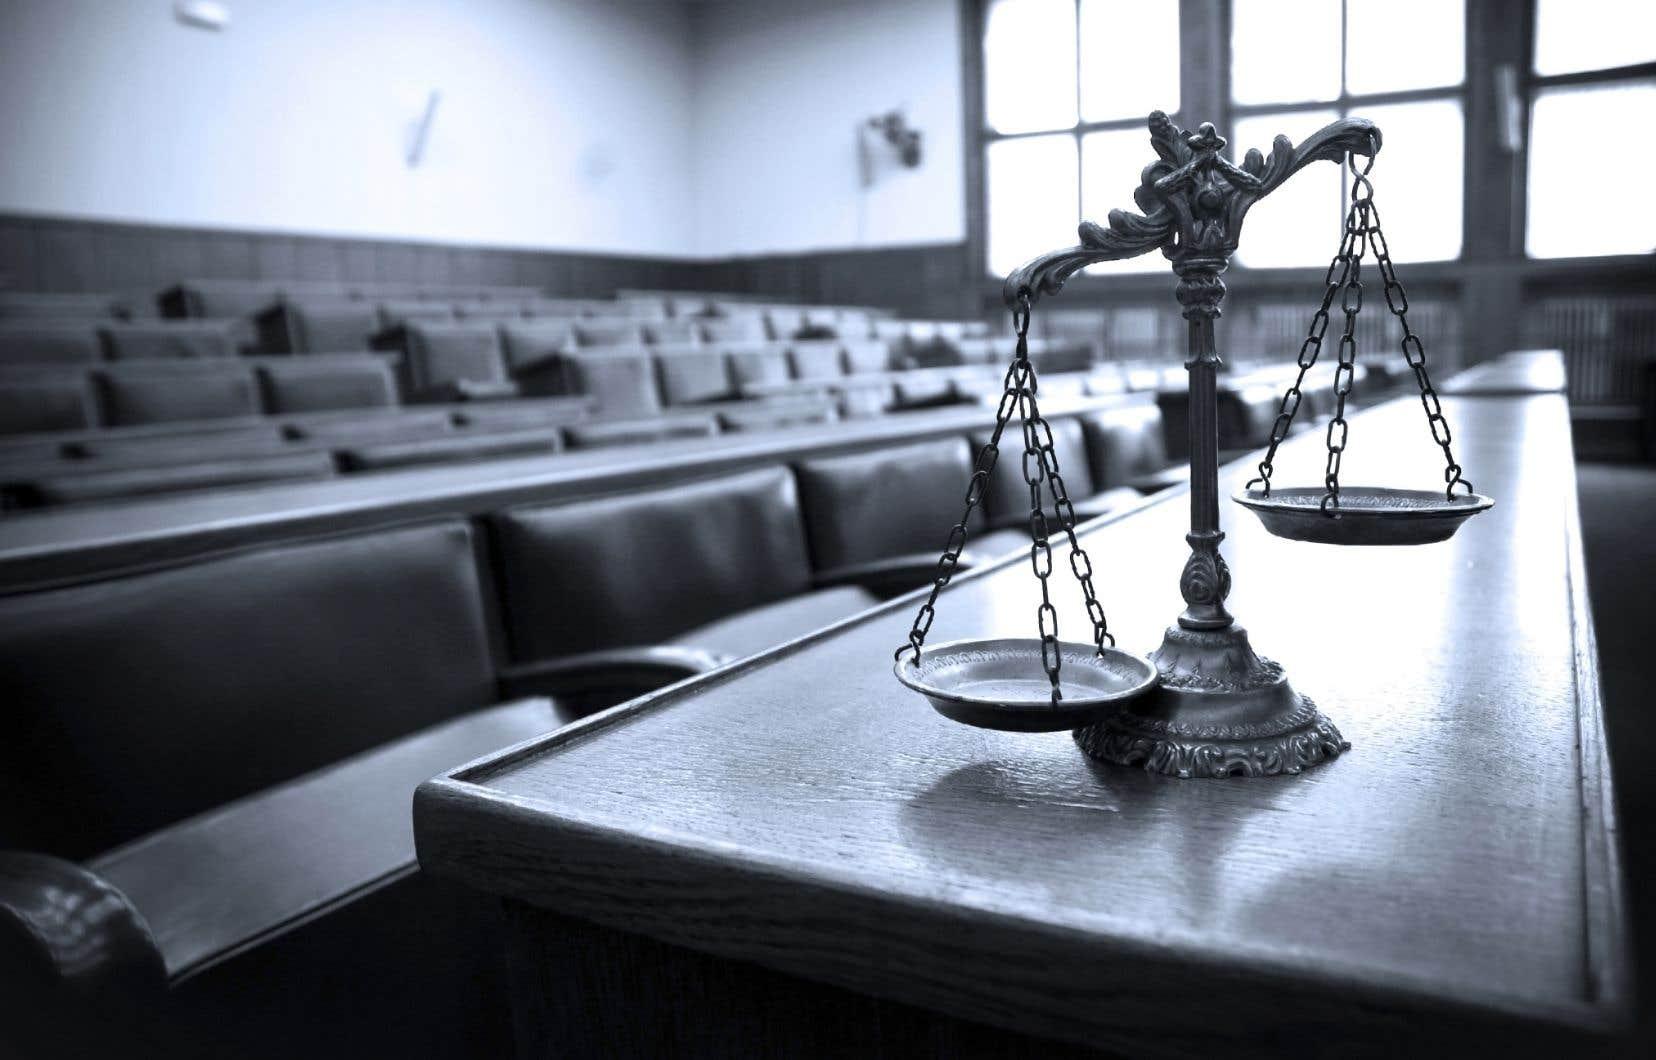 Aux États-Unis, au Canada et dans presque tous les pays de régime démocratique libéral, sauf quelques rares exceptions comme le Royaume-Uni ou la Nouvelle-Zélande, les juges reçoivent le pouvoir de faire le procès de la loi.